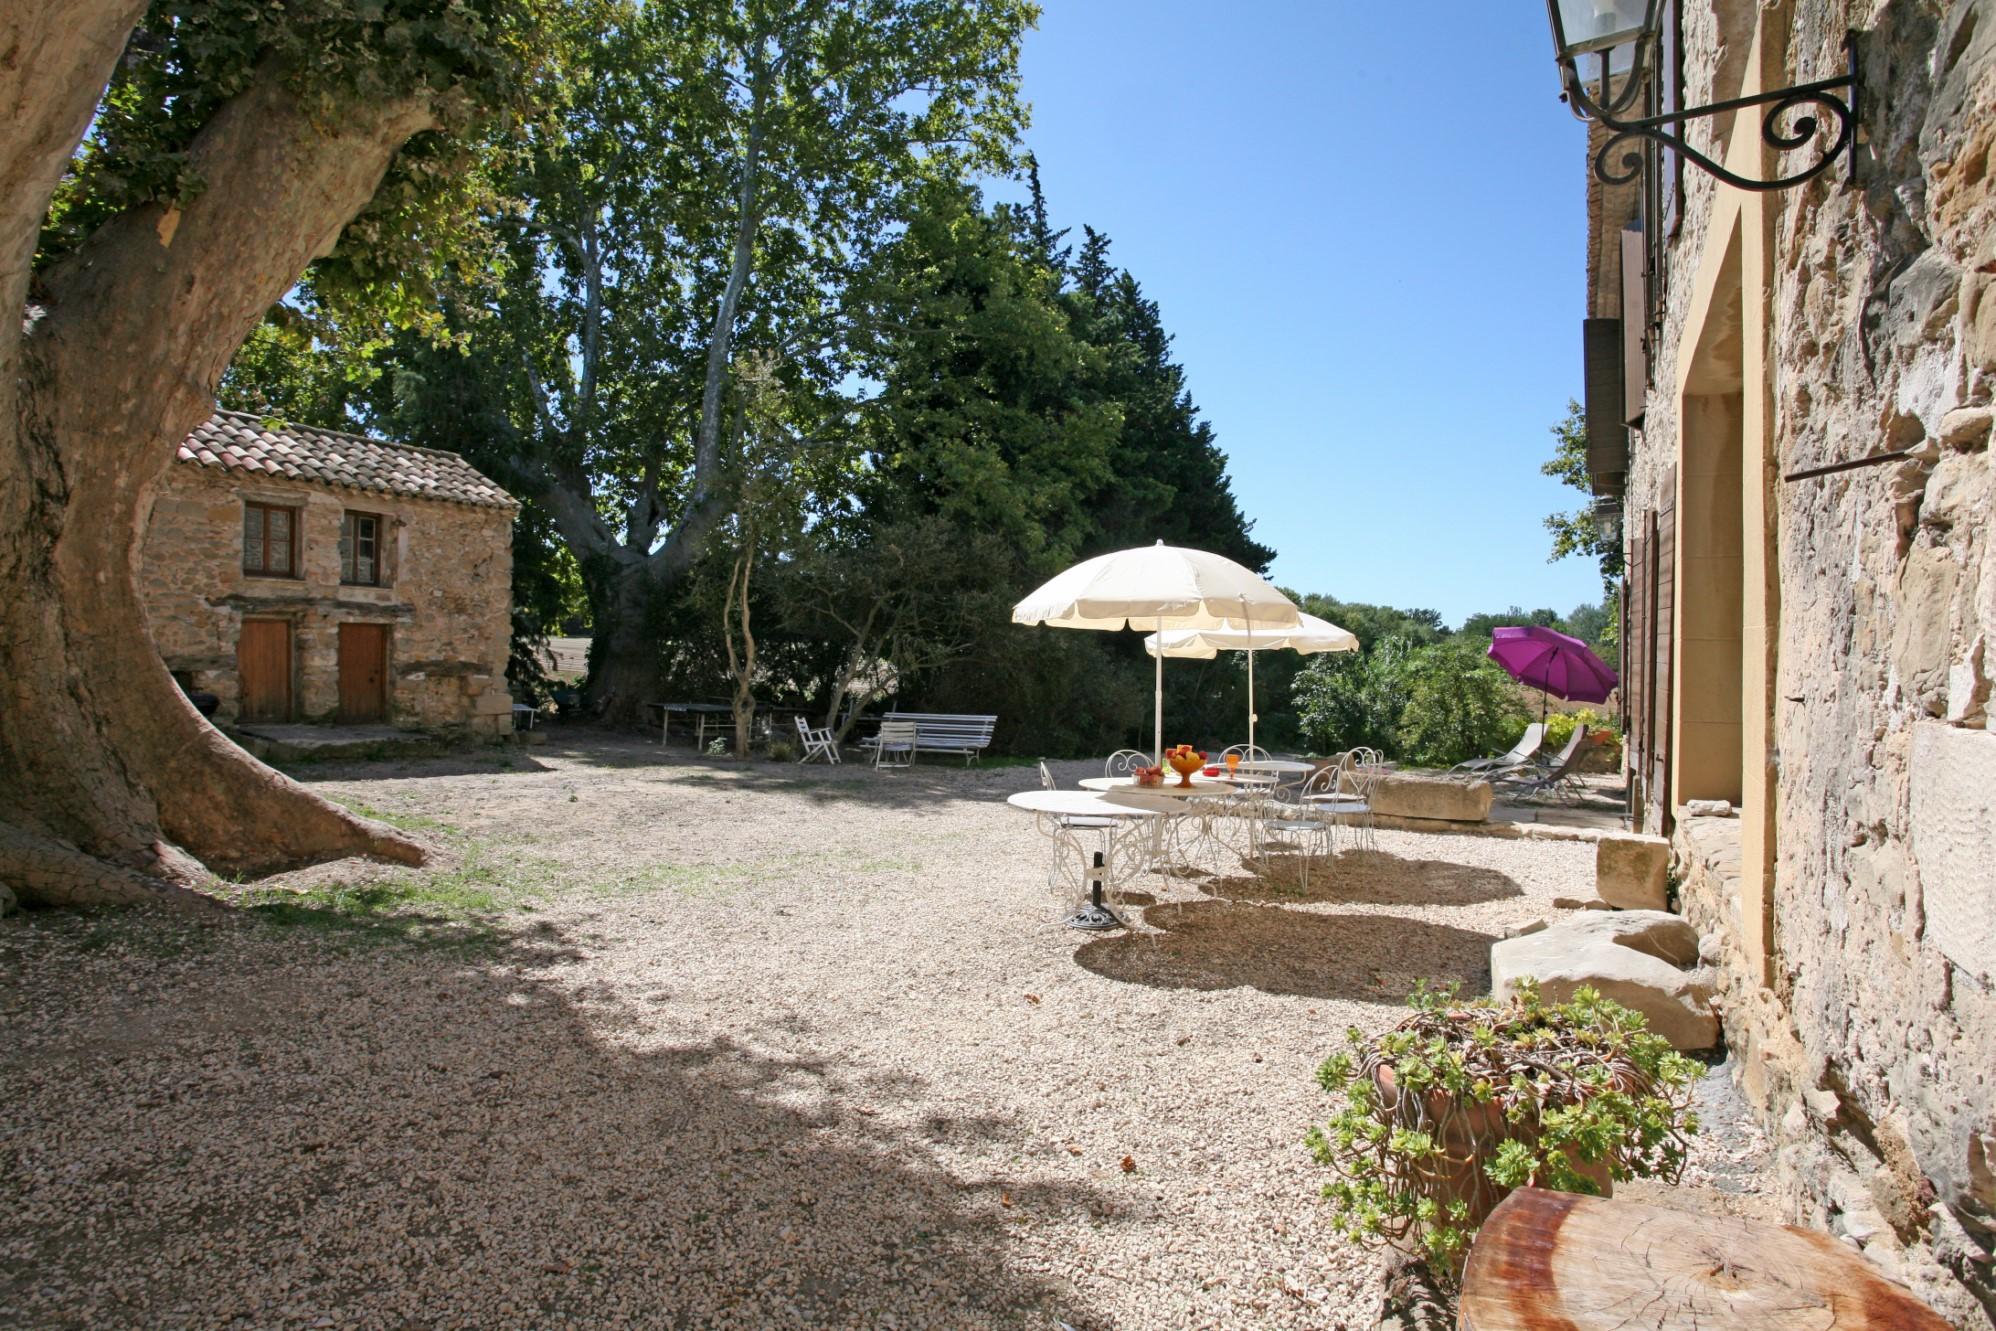 En vente, en Comtat Venaissin, demeure bourgeoise avec dépendances et piscine